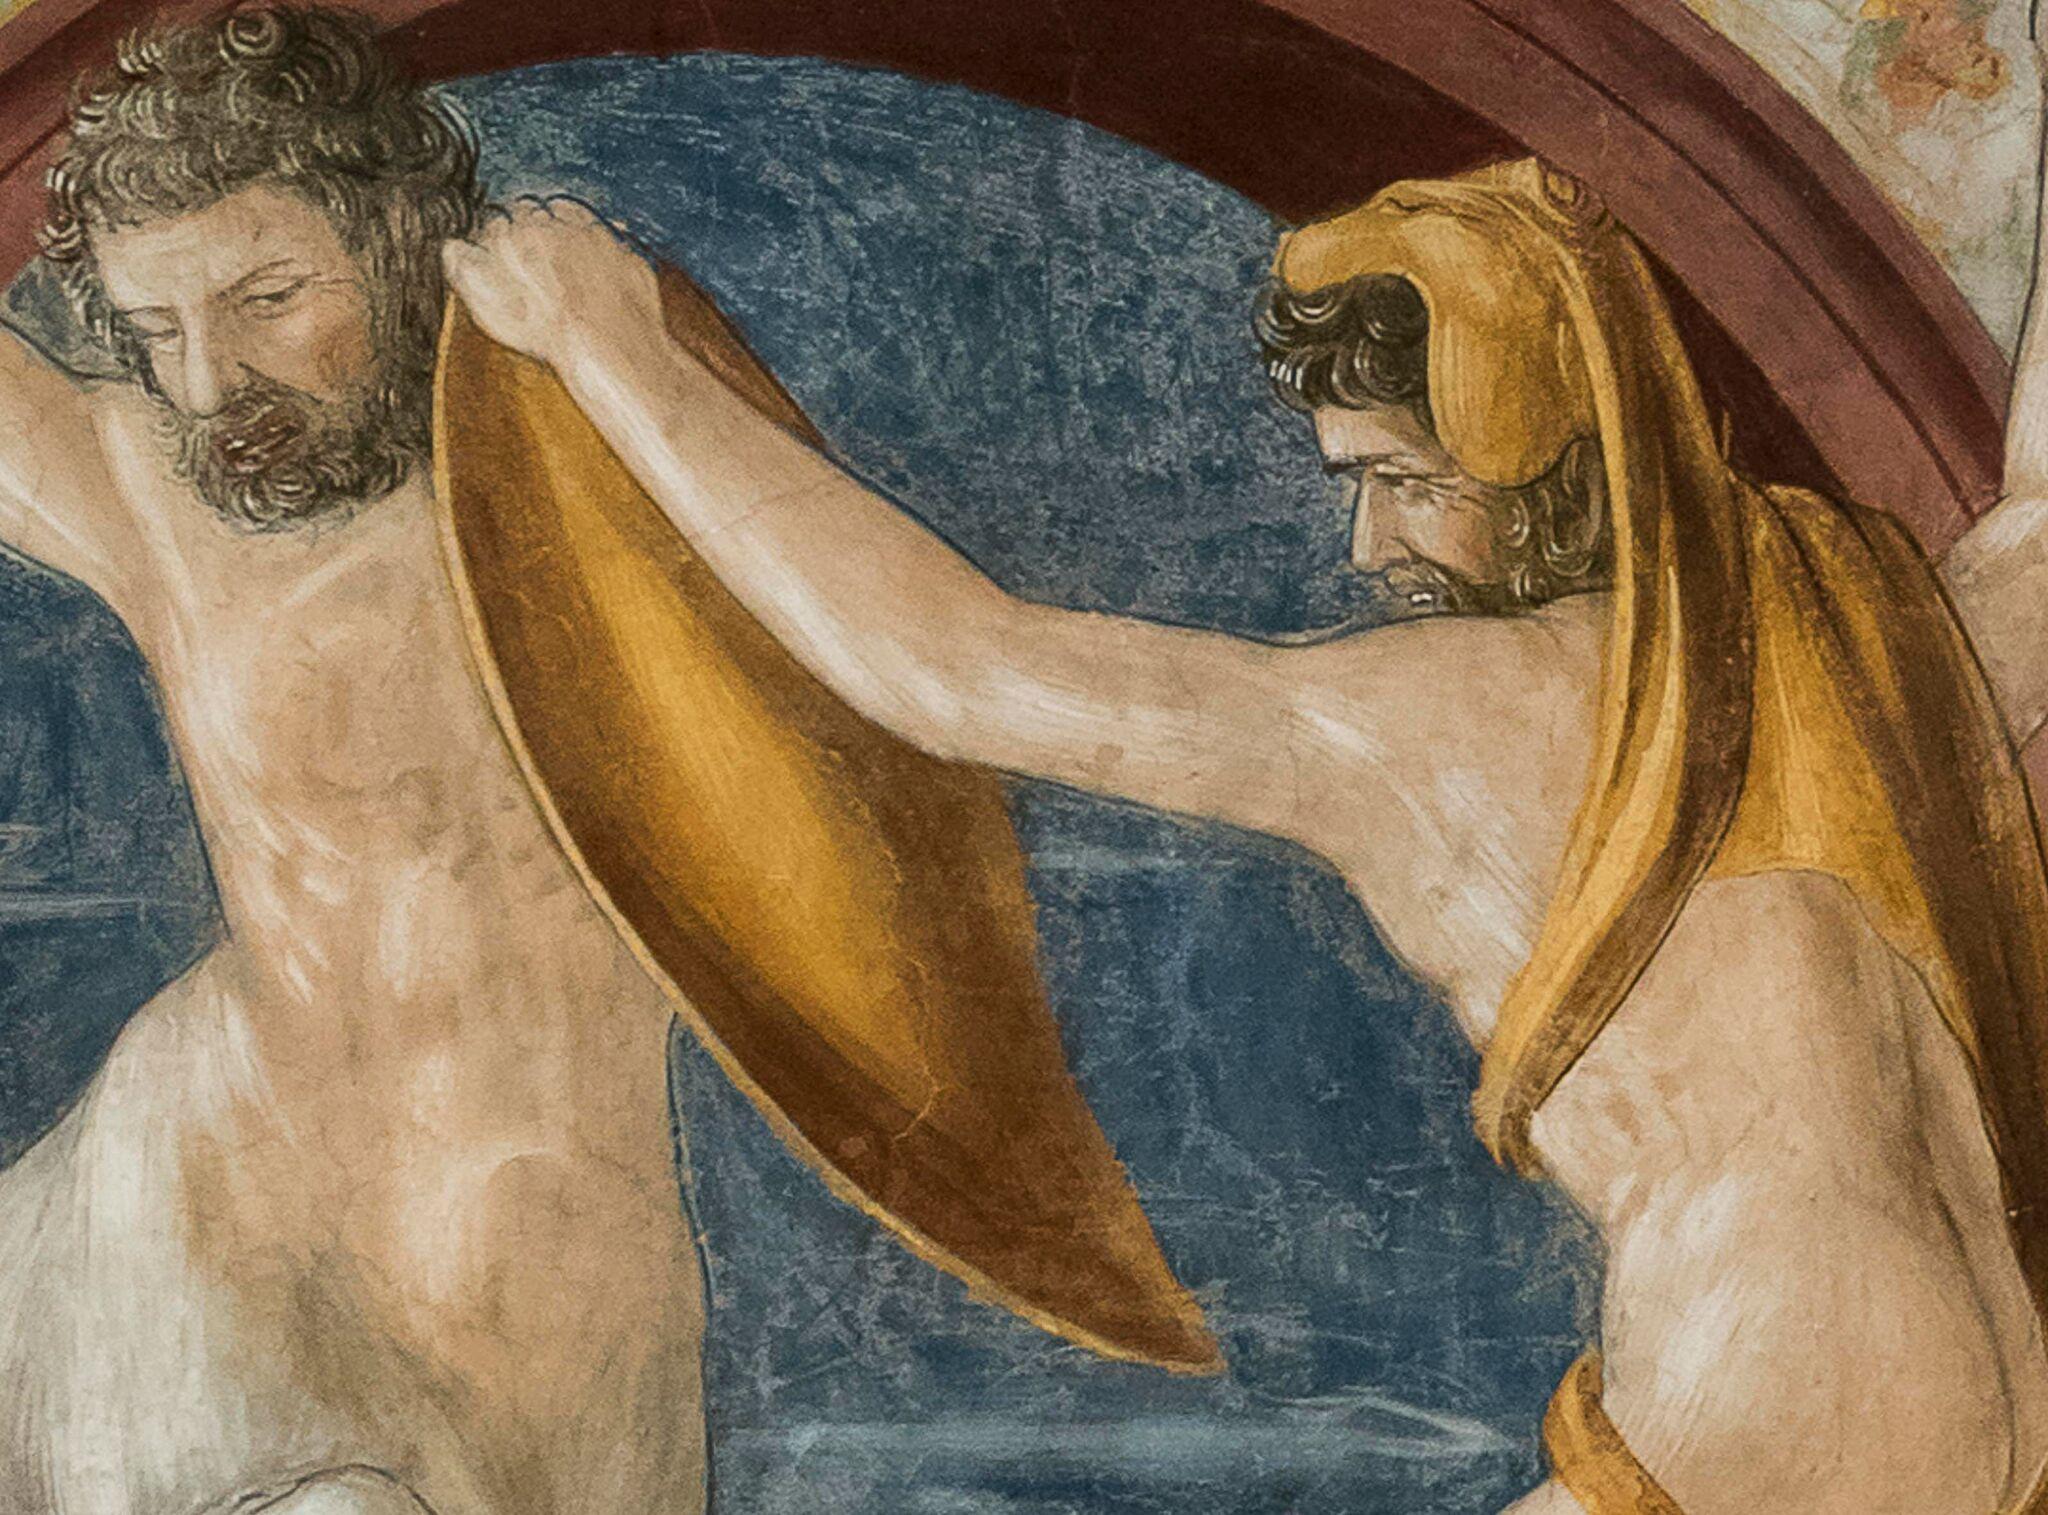 Sala di Ercole, Palazzo Venezia, Roma, dettaglio del fregio con Ercole e il Centauro Nesso